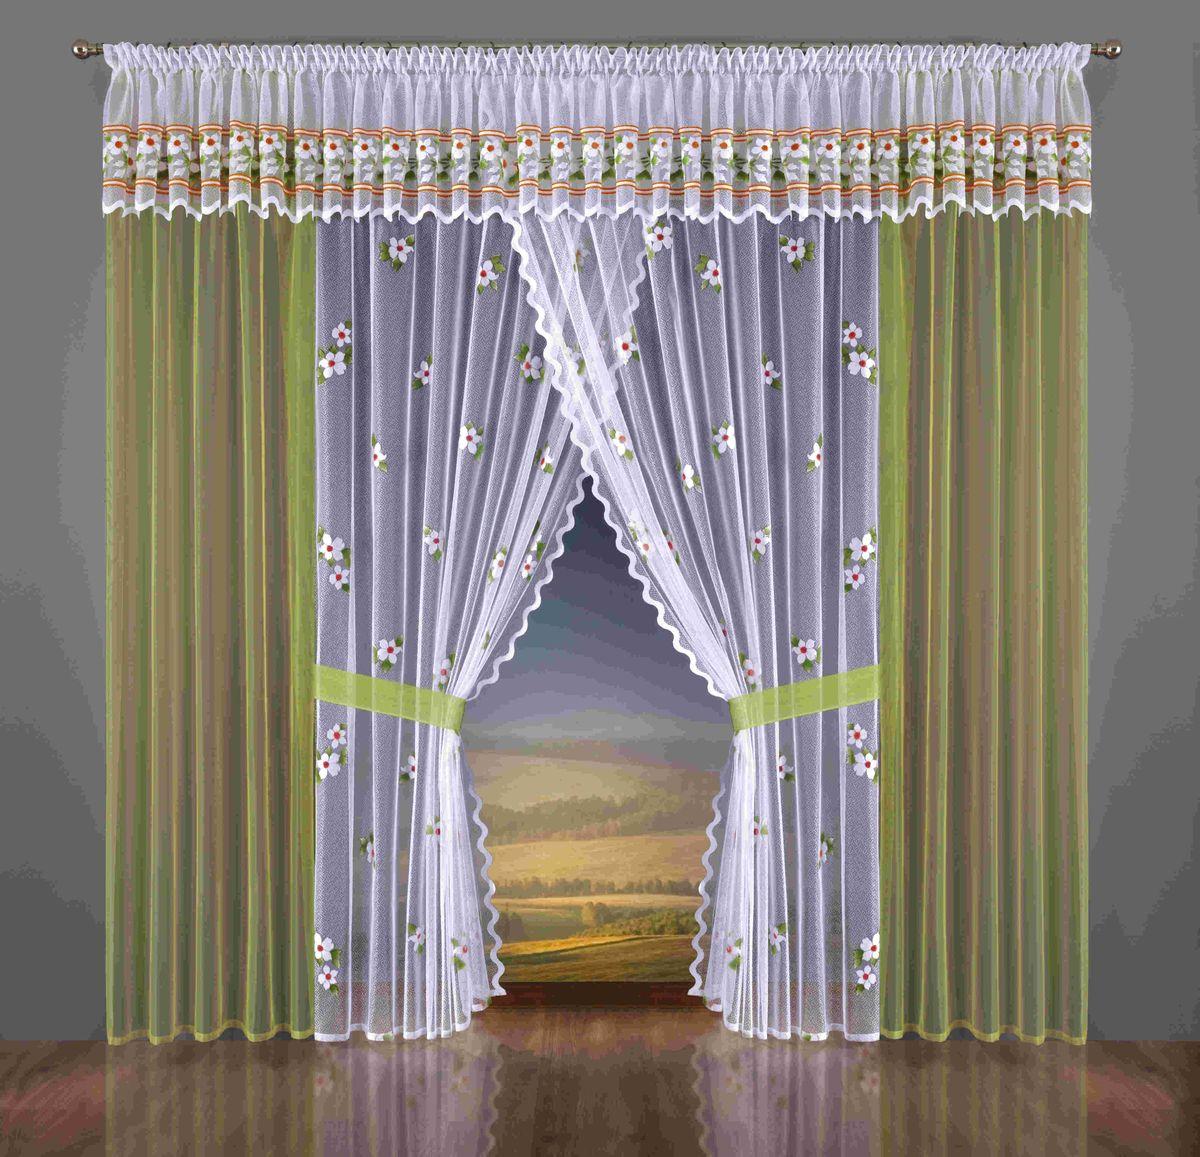 Комплект штор Wisan Rachela, на ленте, цвет: белый, зеленый, высота 250 см337WКомплект штор Wisan Rachela выполненный из полиэстера, великолепно украсит любое окно. В комплект входят 2 шторы, 2 тюля, ламбрекен и 2 подхвата. Яркий цветочный рисунок придает комплекту особый стиль и шарм. Тонкое плетение, нежная цветовая гамма и роскошное исполнение - все это делает шторы Wisan Rachela замечательным дополнением интерьера помещения. Комплект оснащен шторной лентой для красивой сборки. В комплект входит: Штора - 2 шт. Размер (ШхВ): 100 см х 250 см. Тюль - 2 шт. Размер (ШхВ): 150 см х 250 см. Ламбрекен - 1 шт. Размер (ШхВ): 750 см х 45 см. Подхват - 2 шт. Фирма Wisan на польском рынке существует уже более пятидесяти лет и является одной из лучших польских фабрик по производству штор и тканей. Ассортимент фирмы представлен готовыми комплектами штор для гостиной, детской, кухни, а также текстилем для кухни (скатерти, салфетки, дорожки, кухонные занавески). Модельный ряд отличает оригинальный...